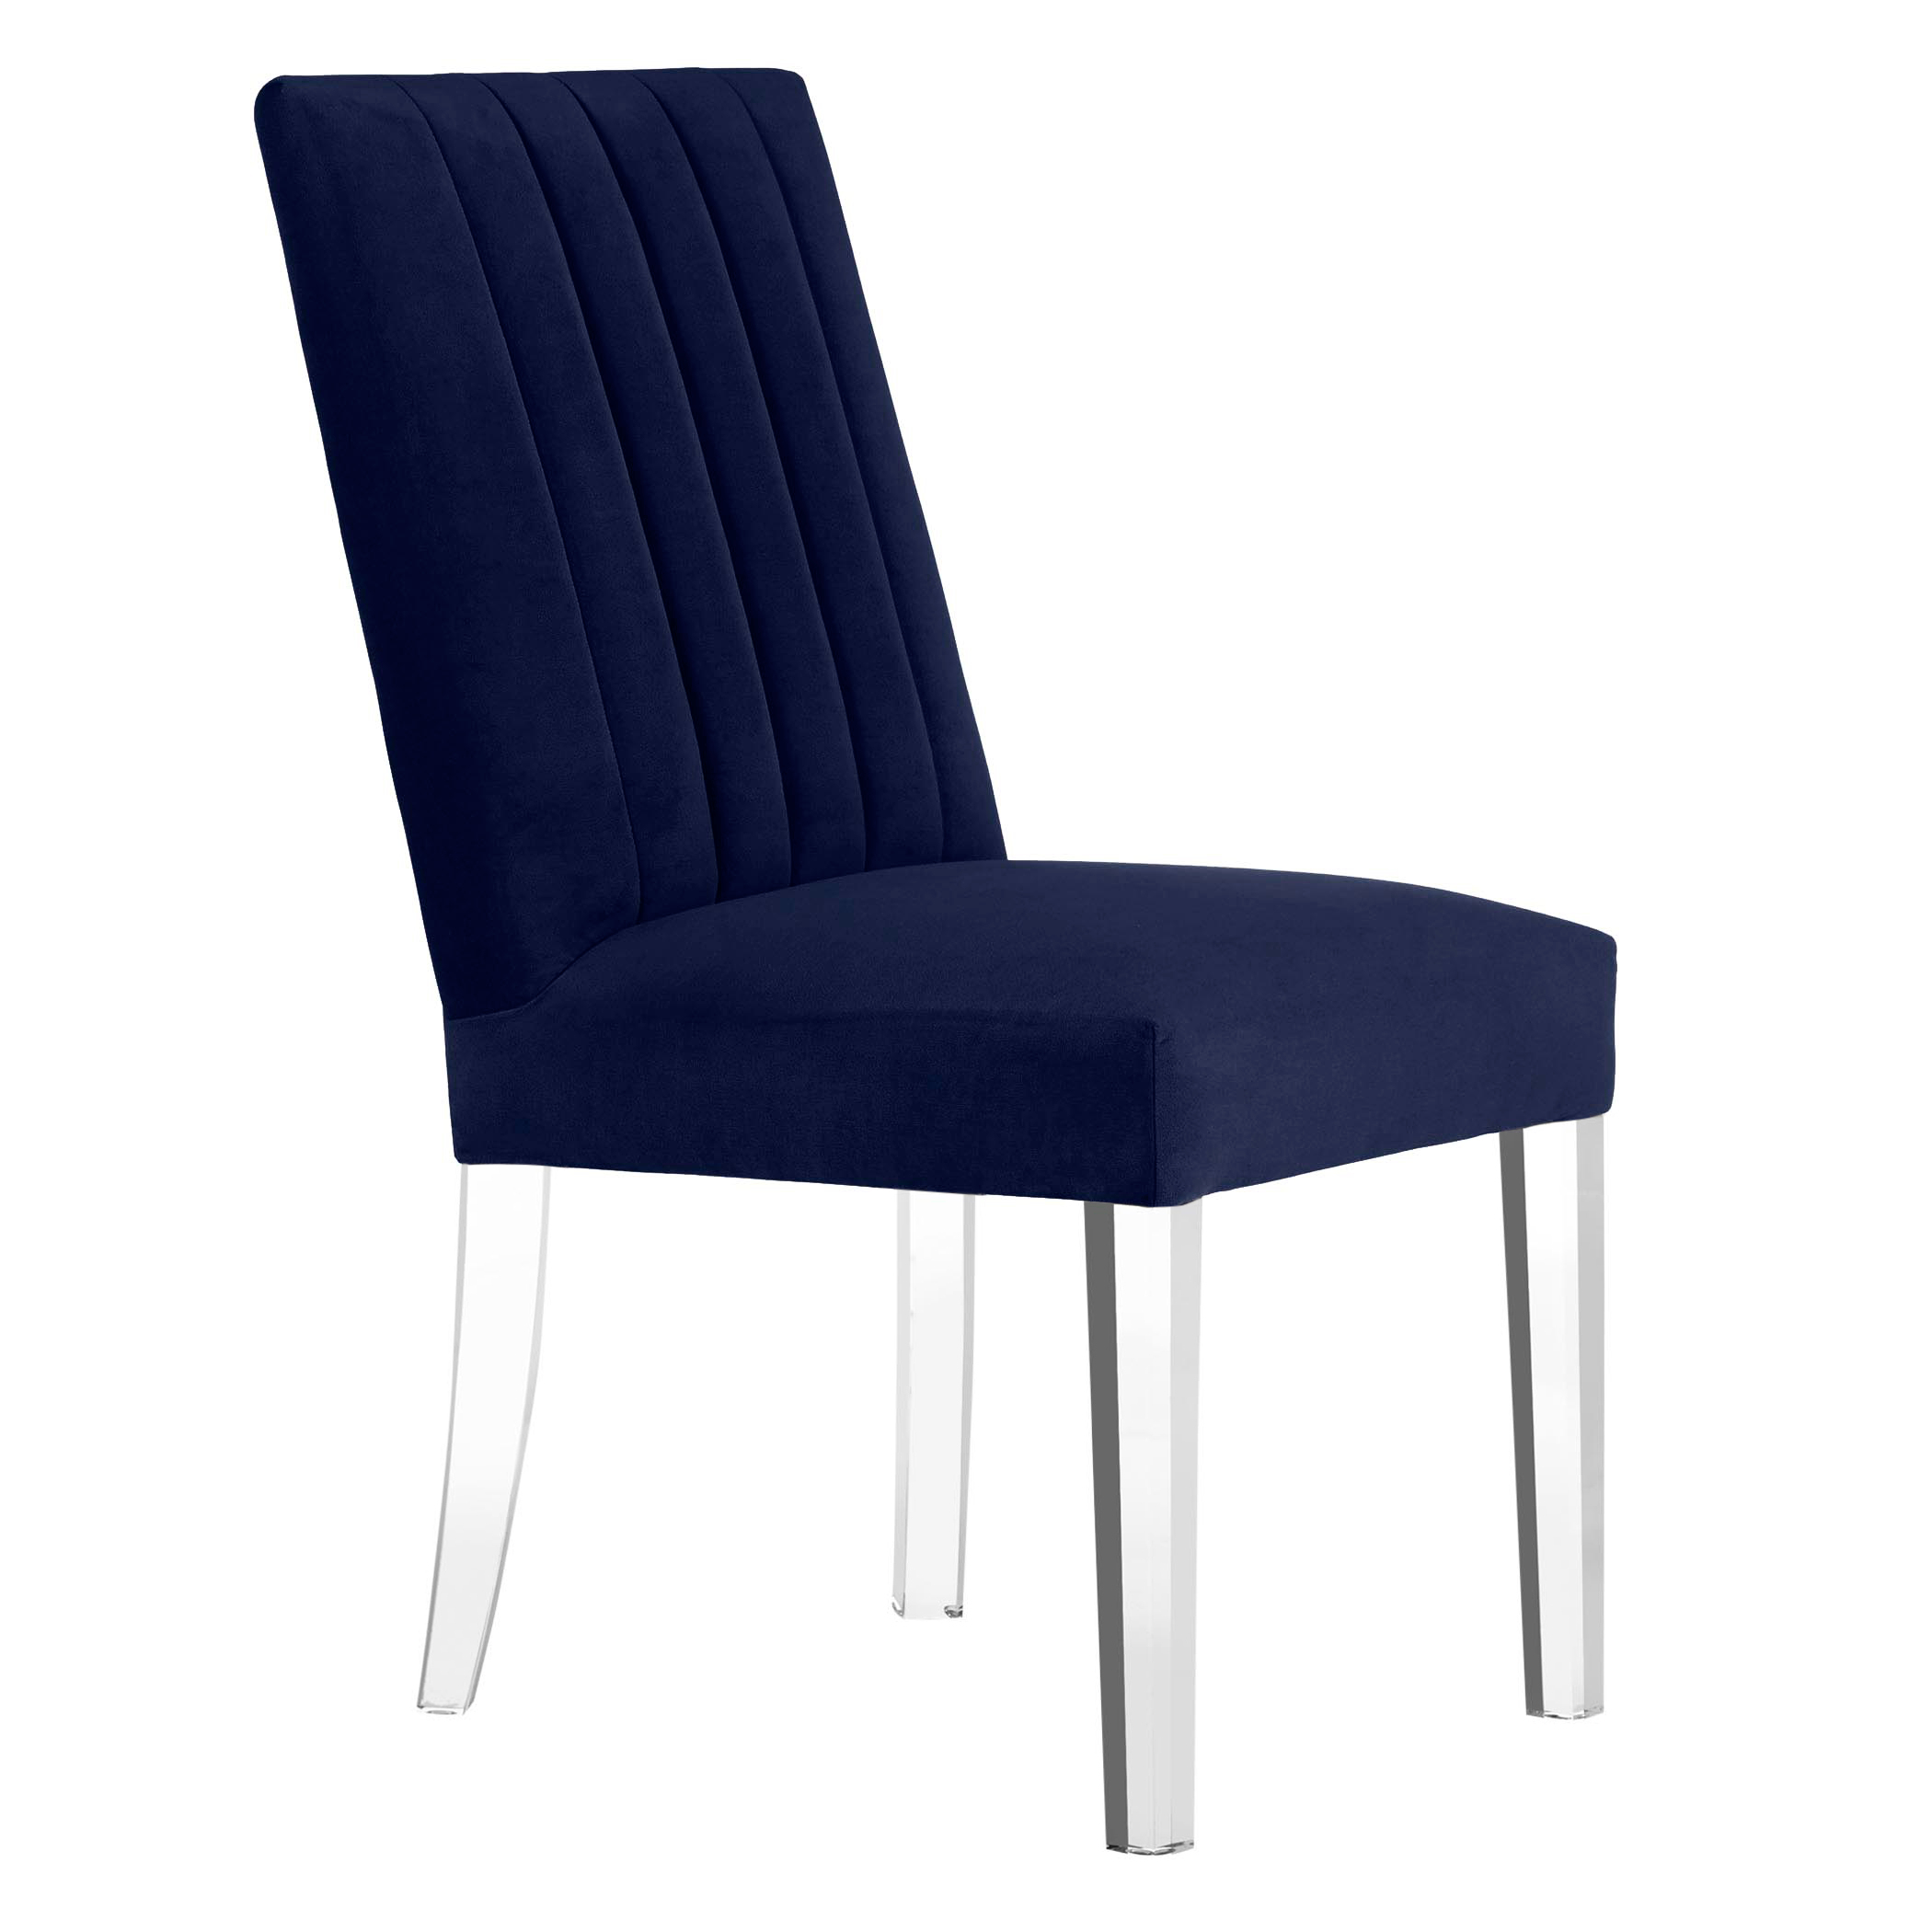 Easton Dining Chair - Acrylic